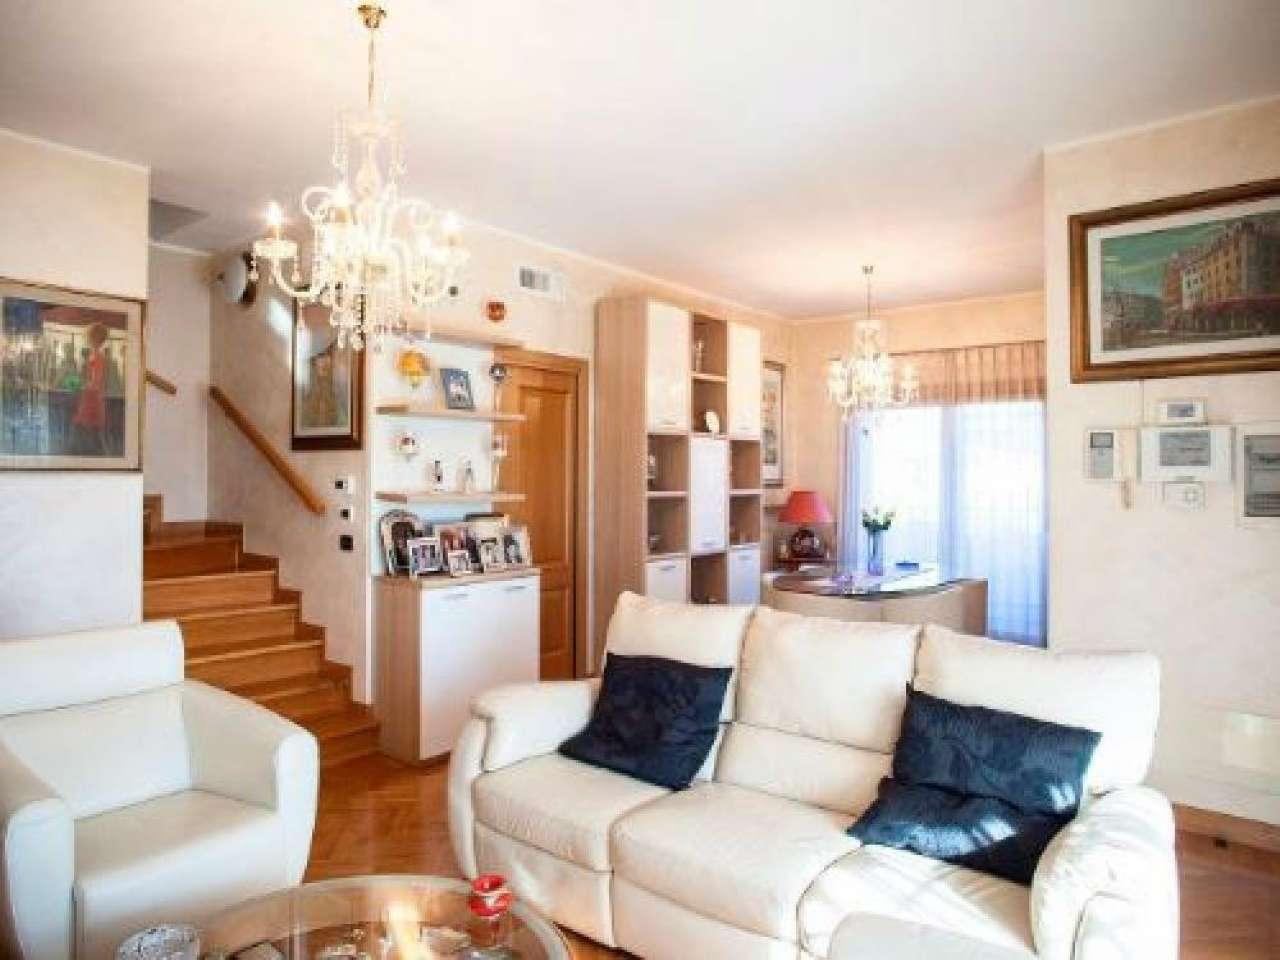 Villa Bifamiliare in vendita 6 vani 200 mq.  via  Lauregno Roma